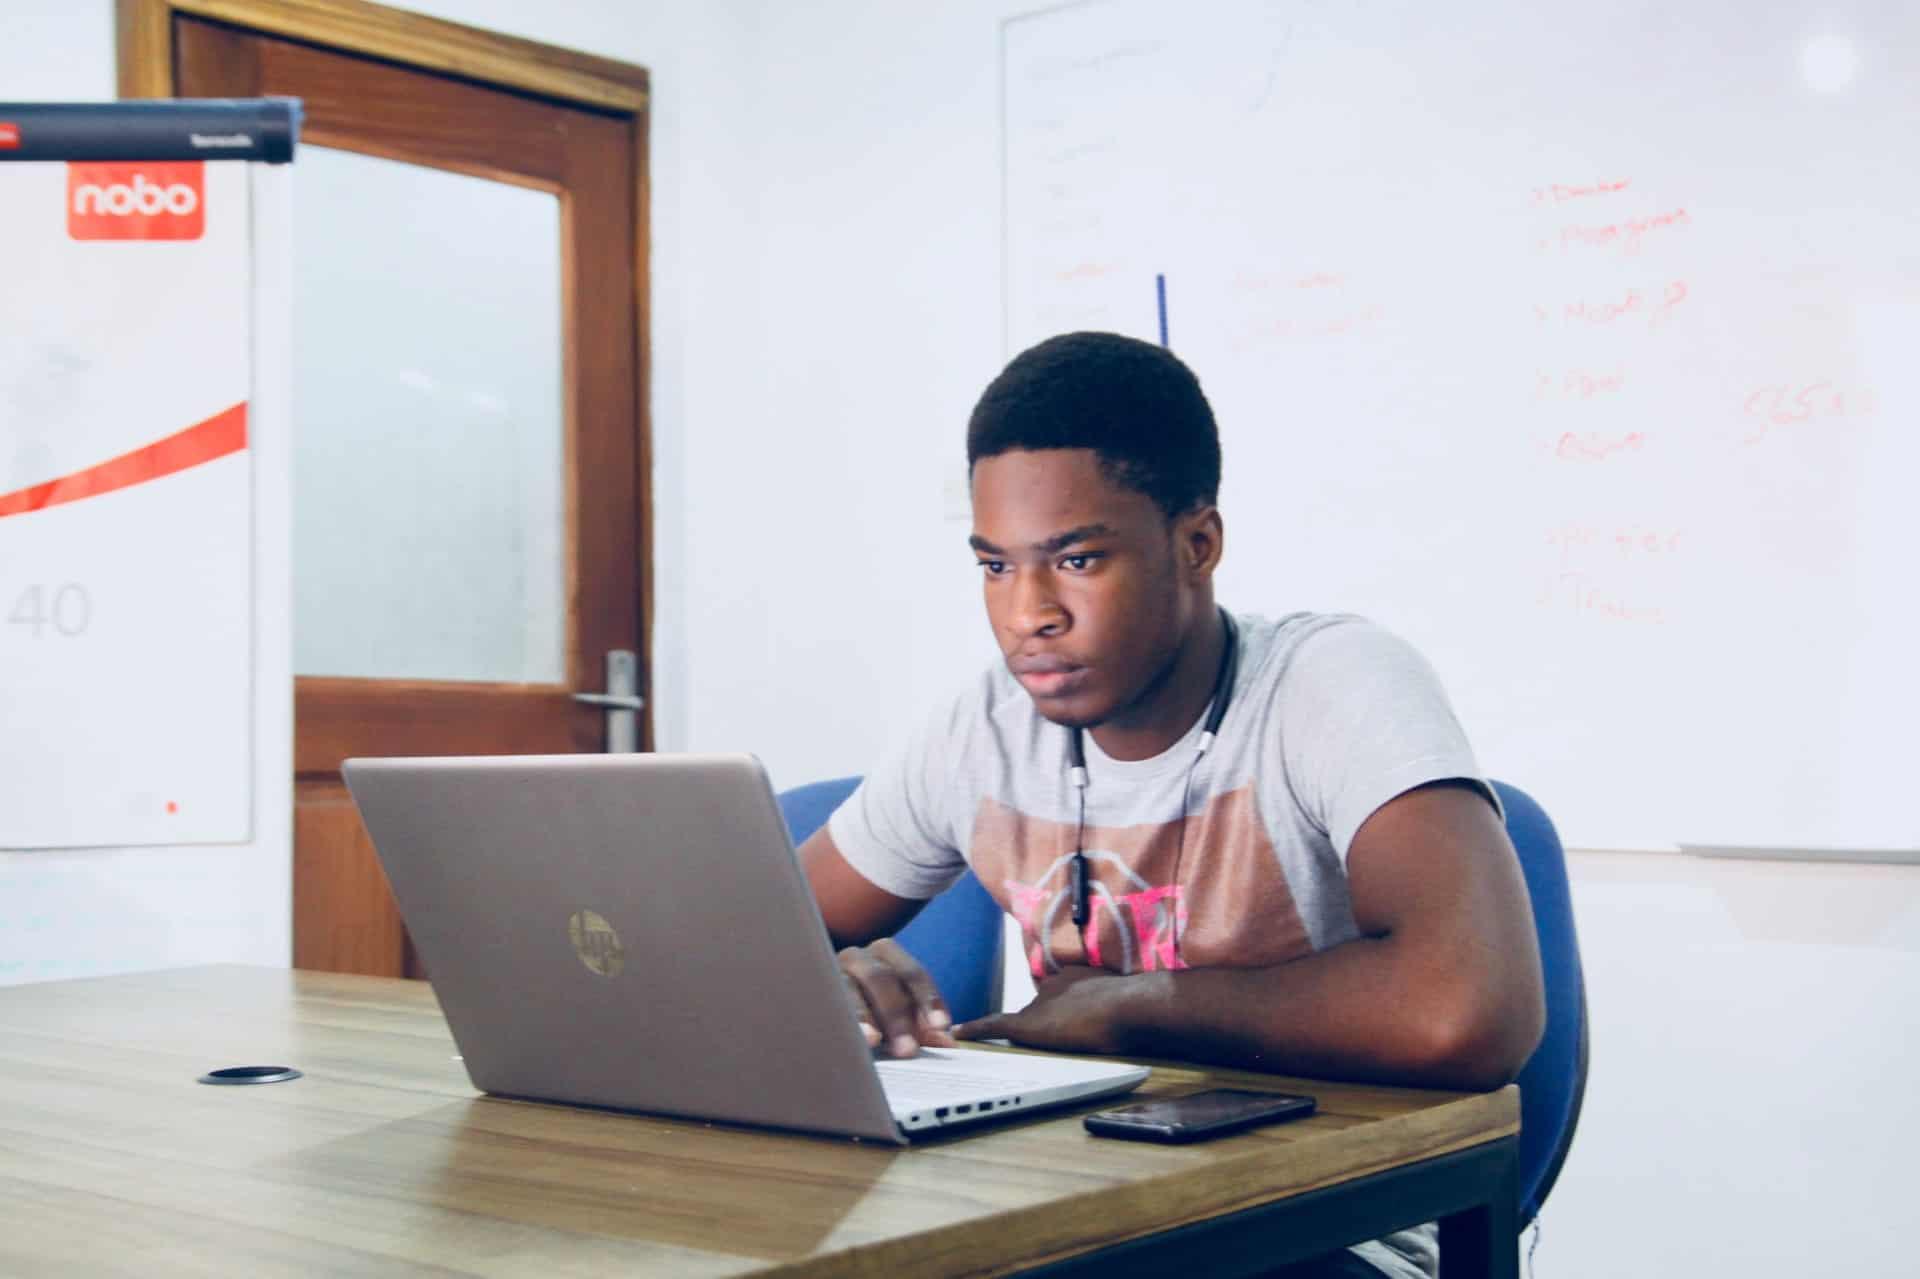 man working rendering laptop